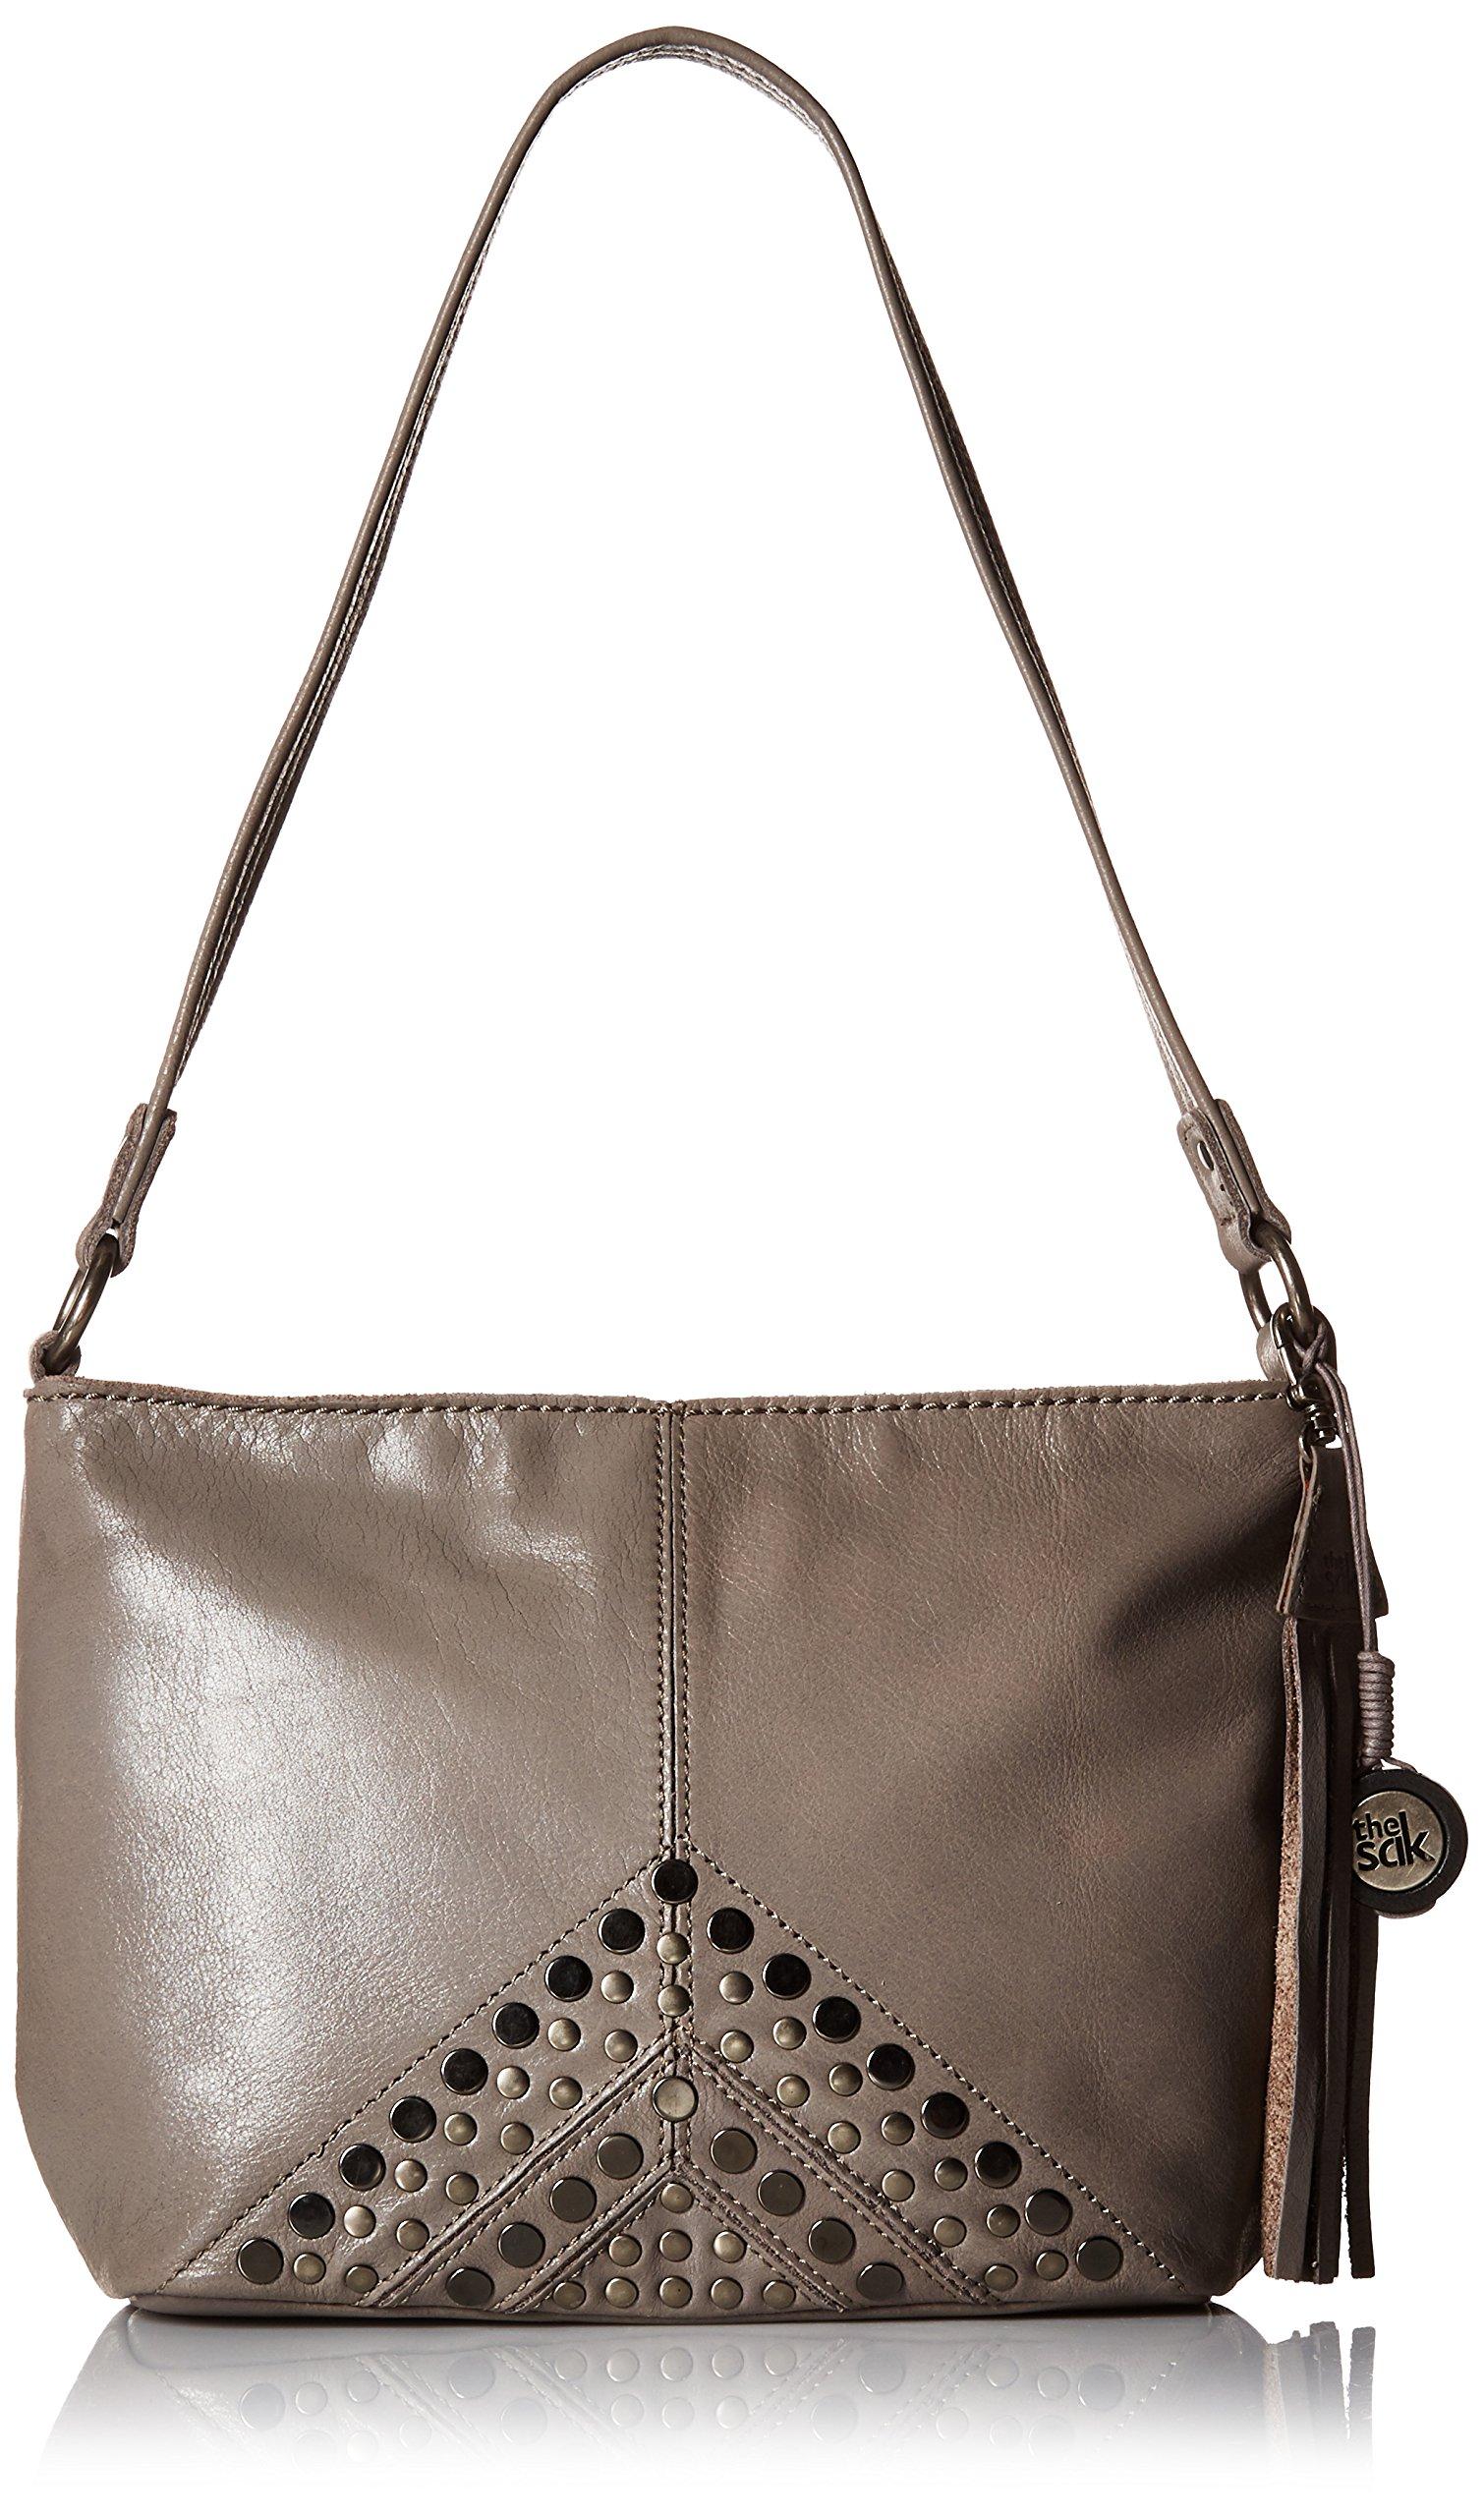 The Sak Indio Leather Demi Shoulder Bag (Slate Studs) by The Sak